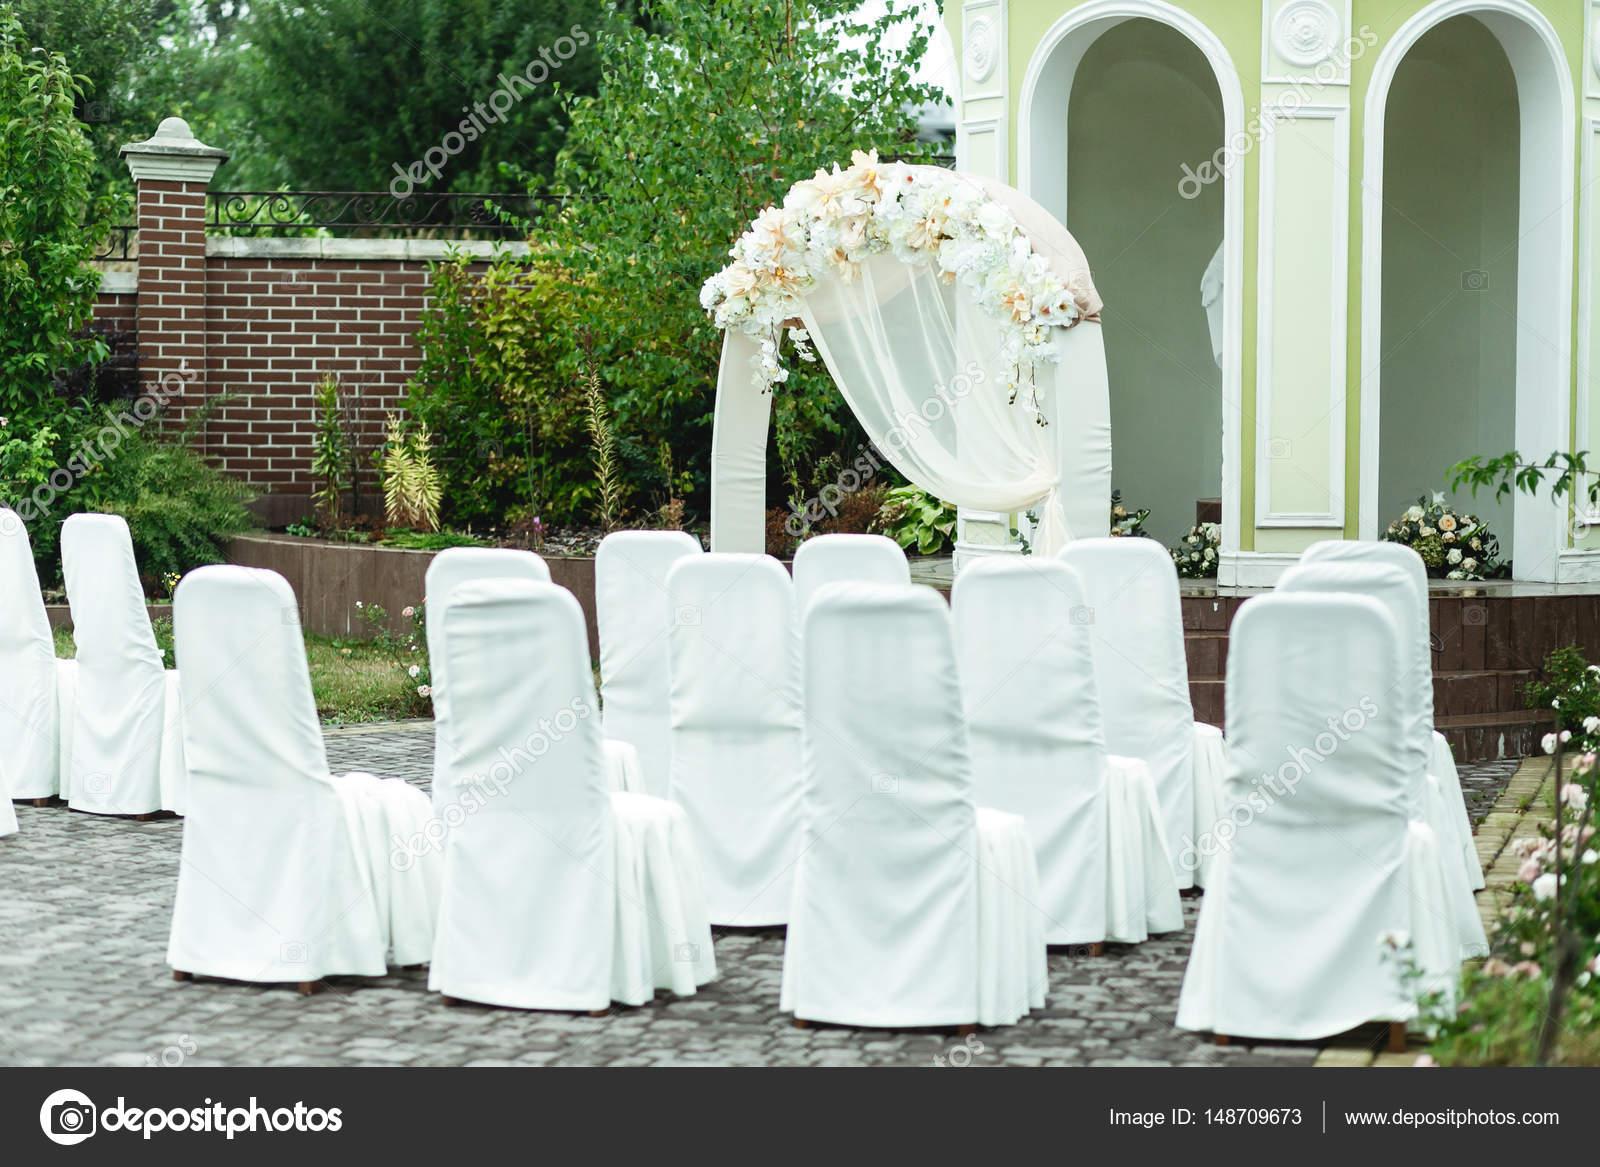 Sedie rivestite con tessuto bianco stand nella parte ...